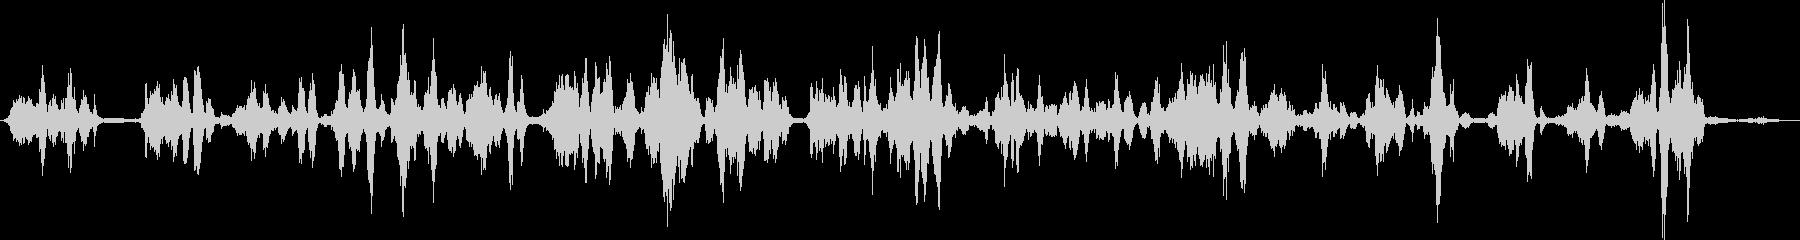 明るい散乱した失われた電気音声通信の未再生の波形